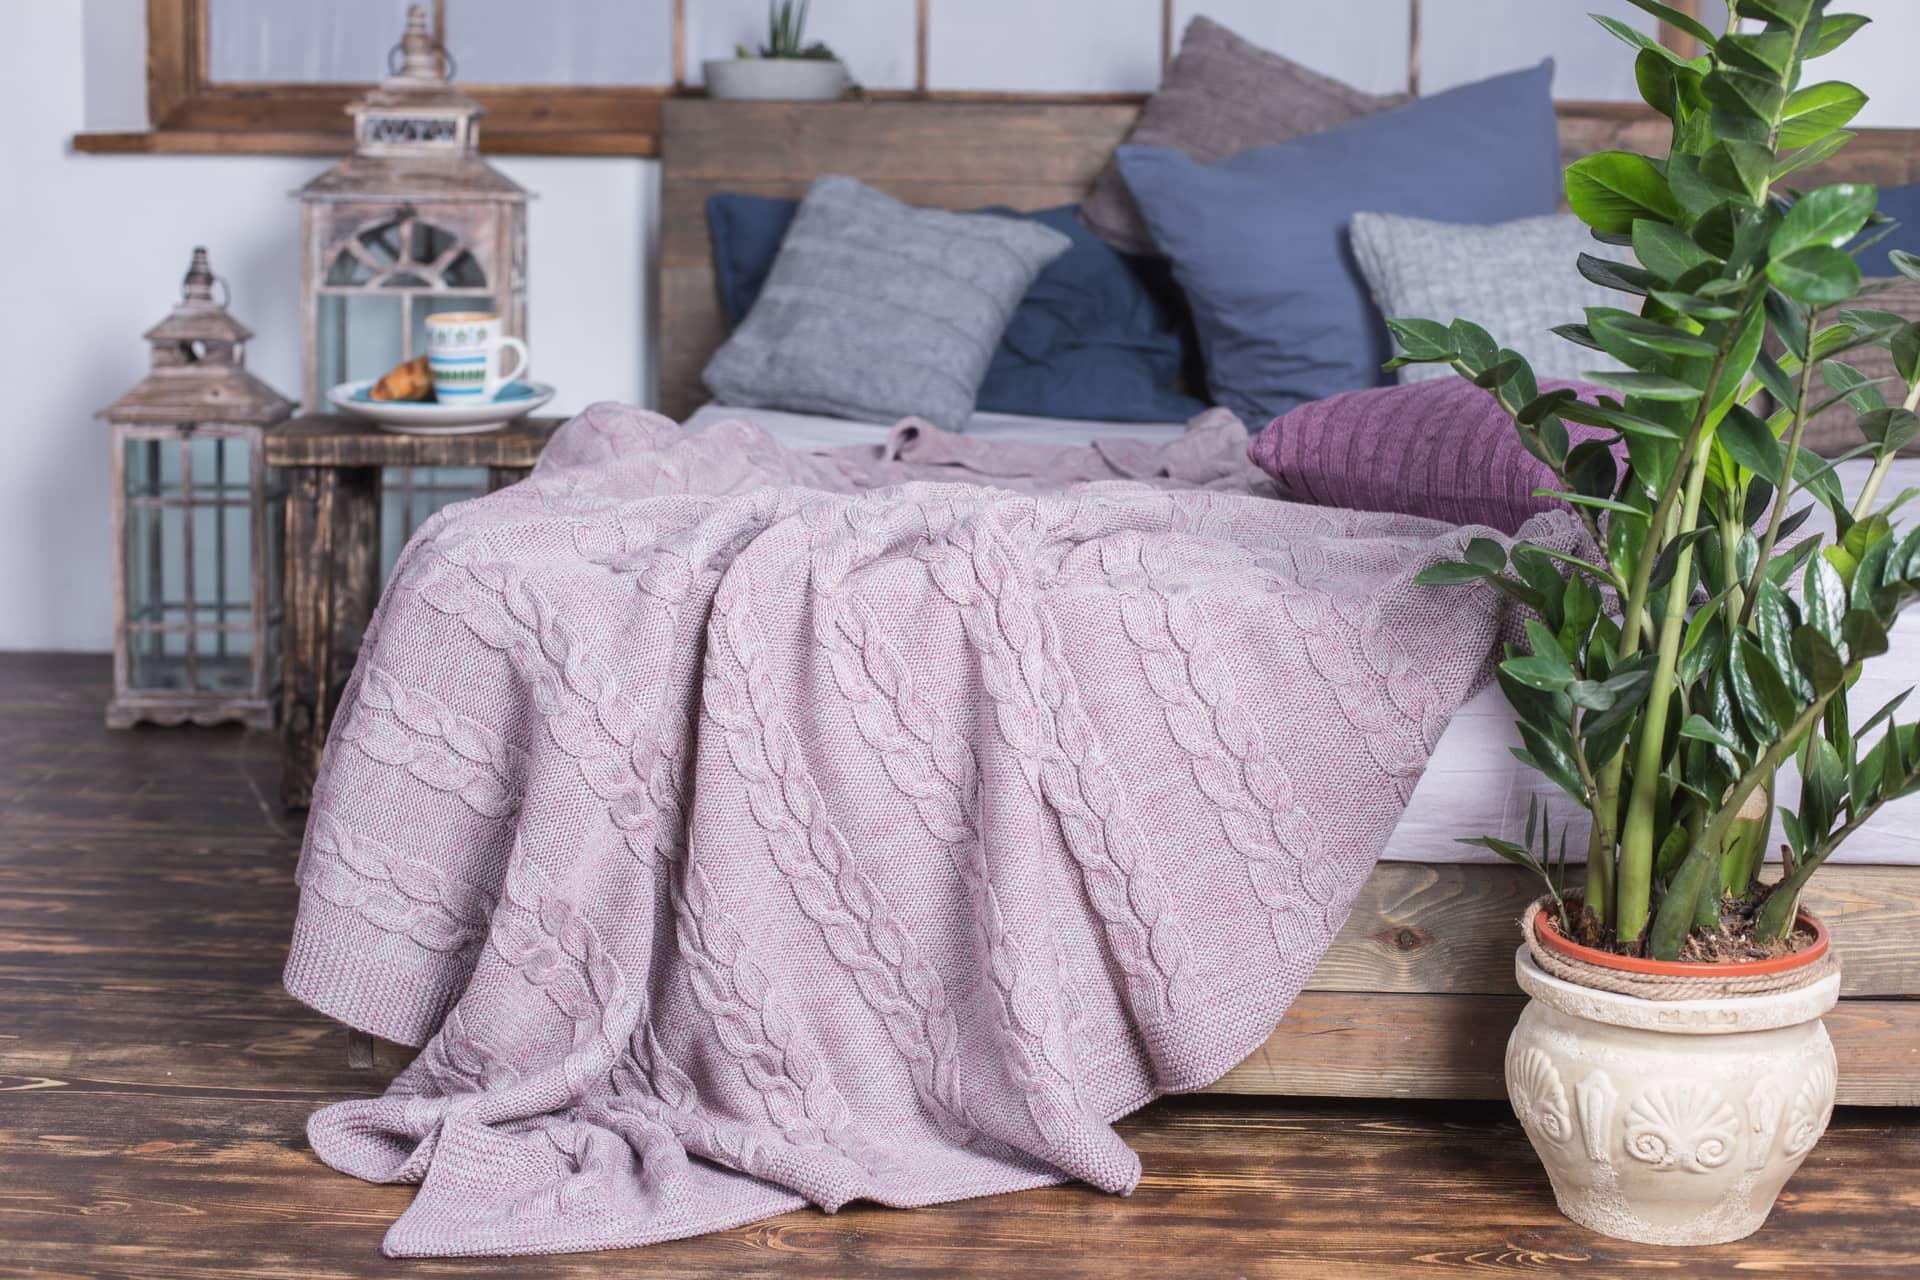 การใช้งานหมอนผ้าห่มที่หลากหลาย